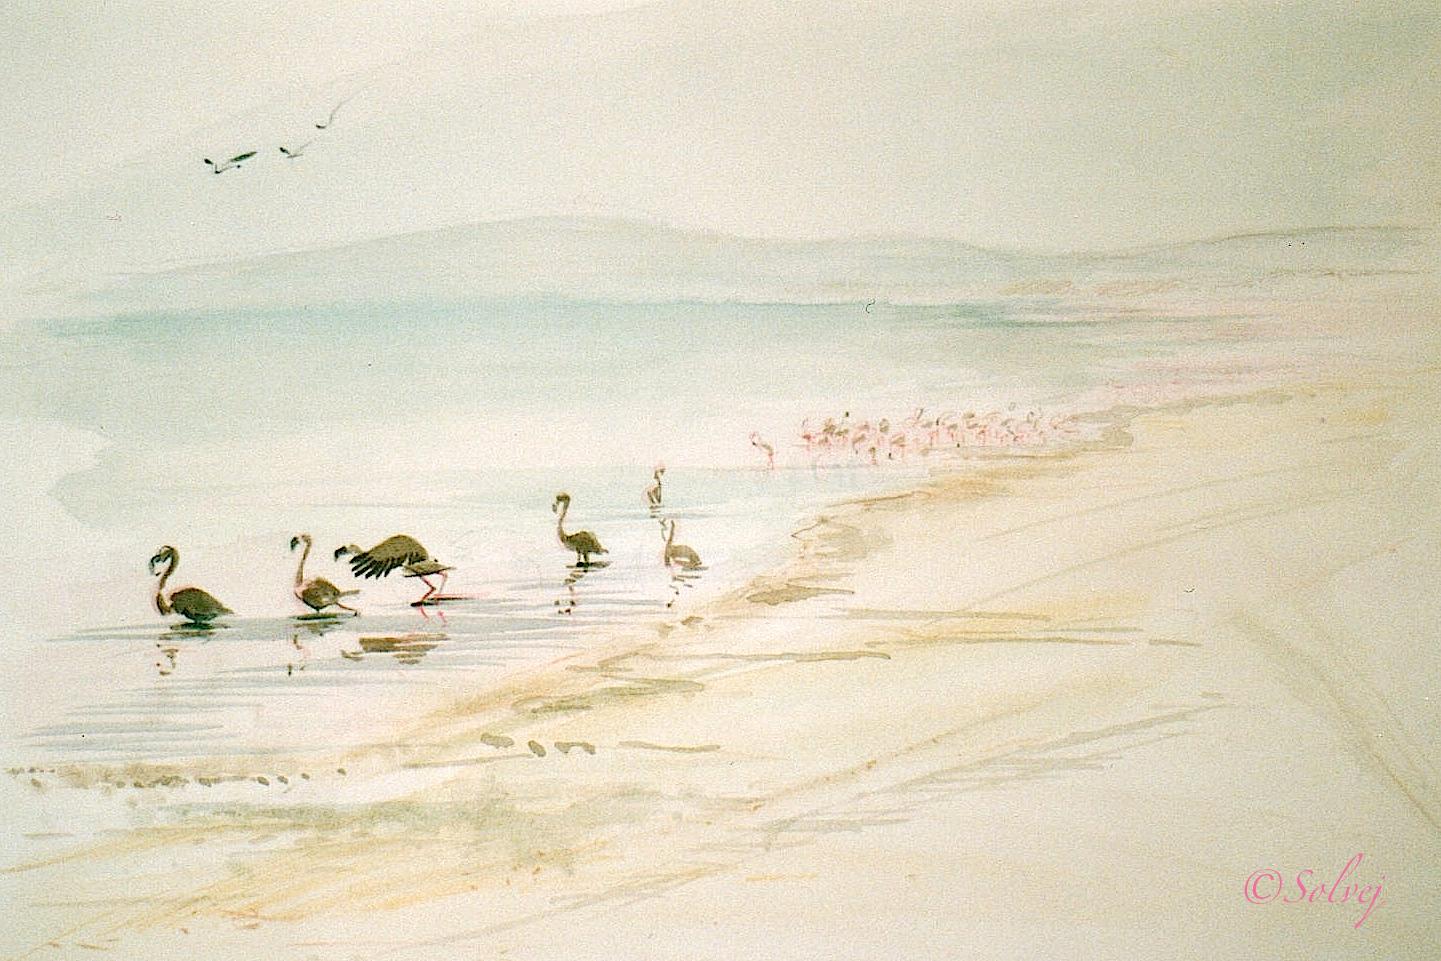 lac Naivasha 193-A 36x26 7_1987